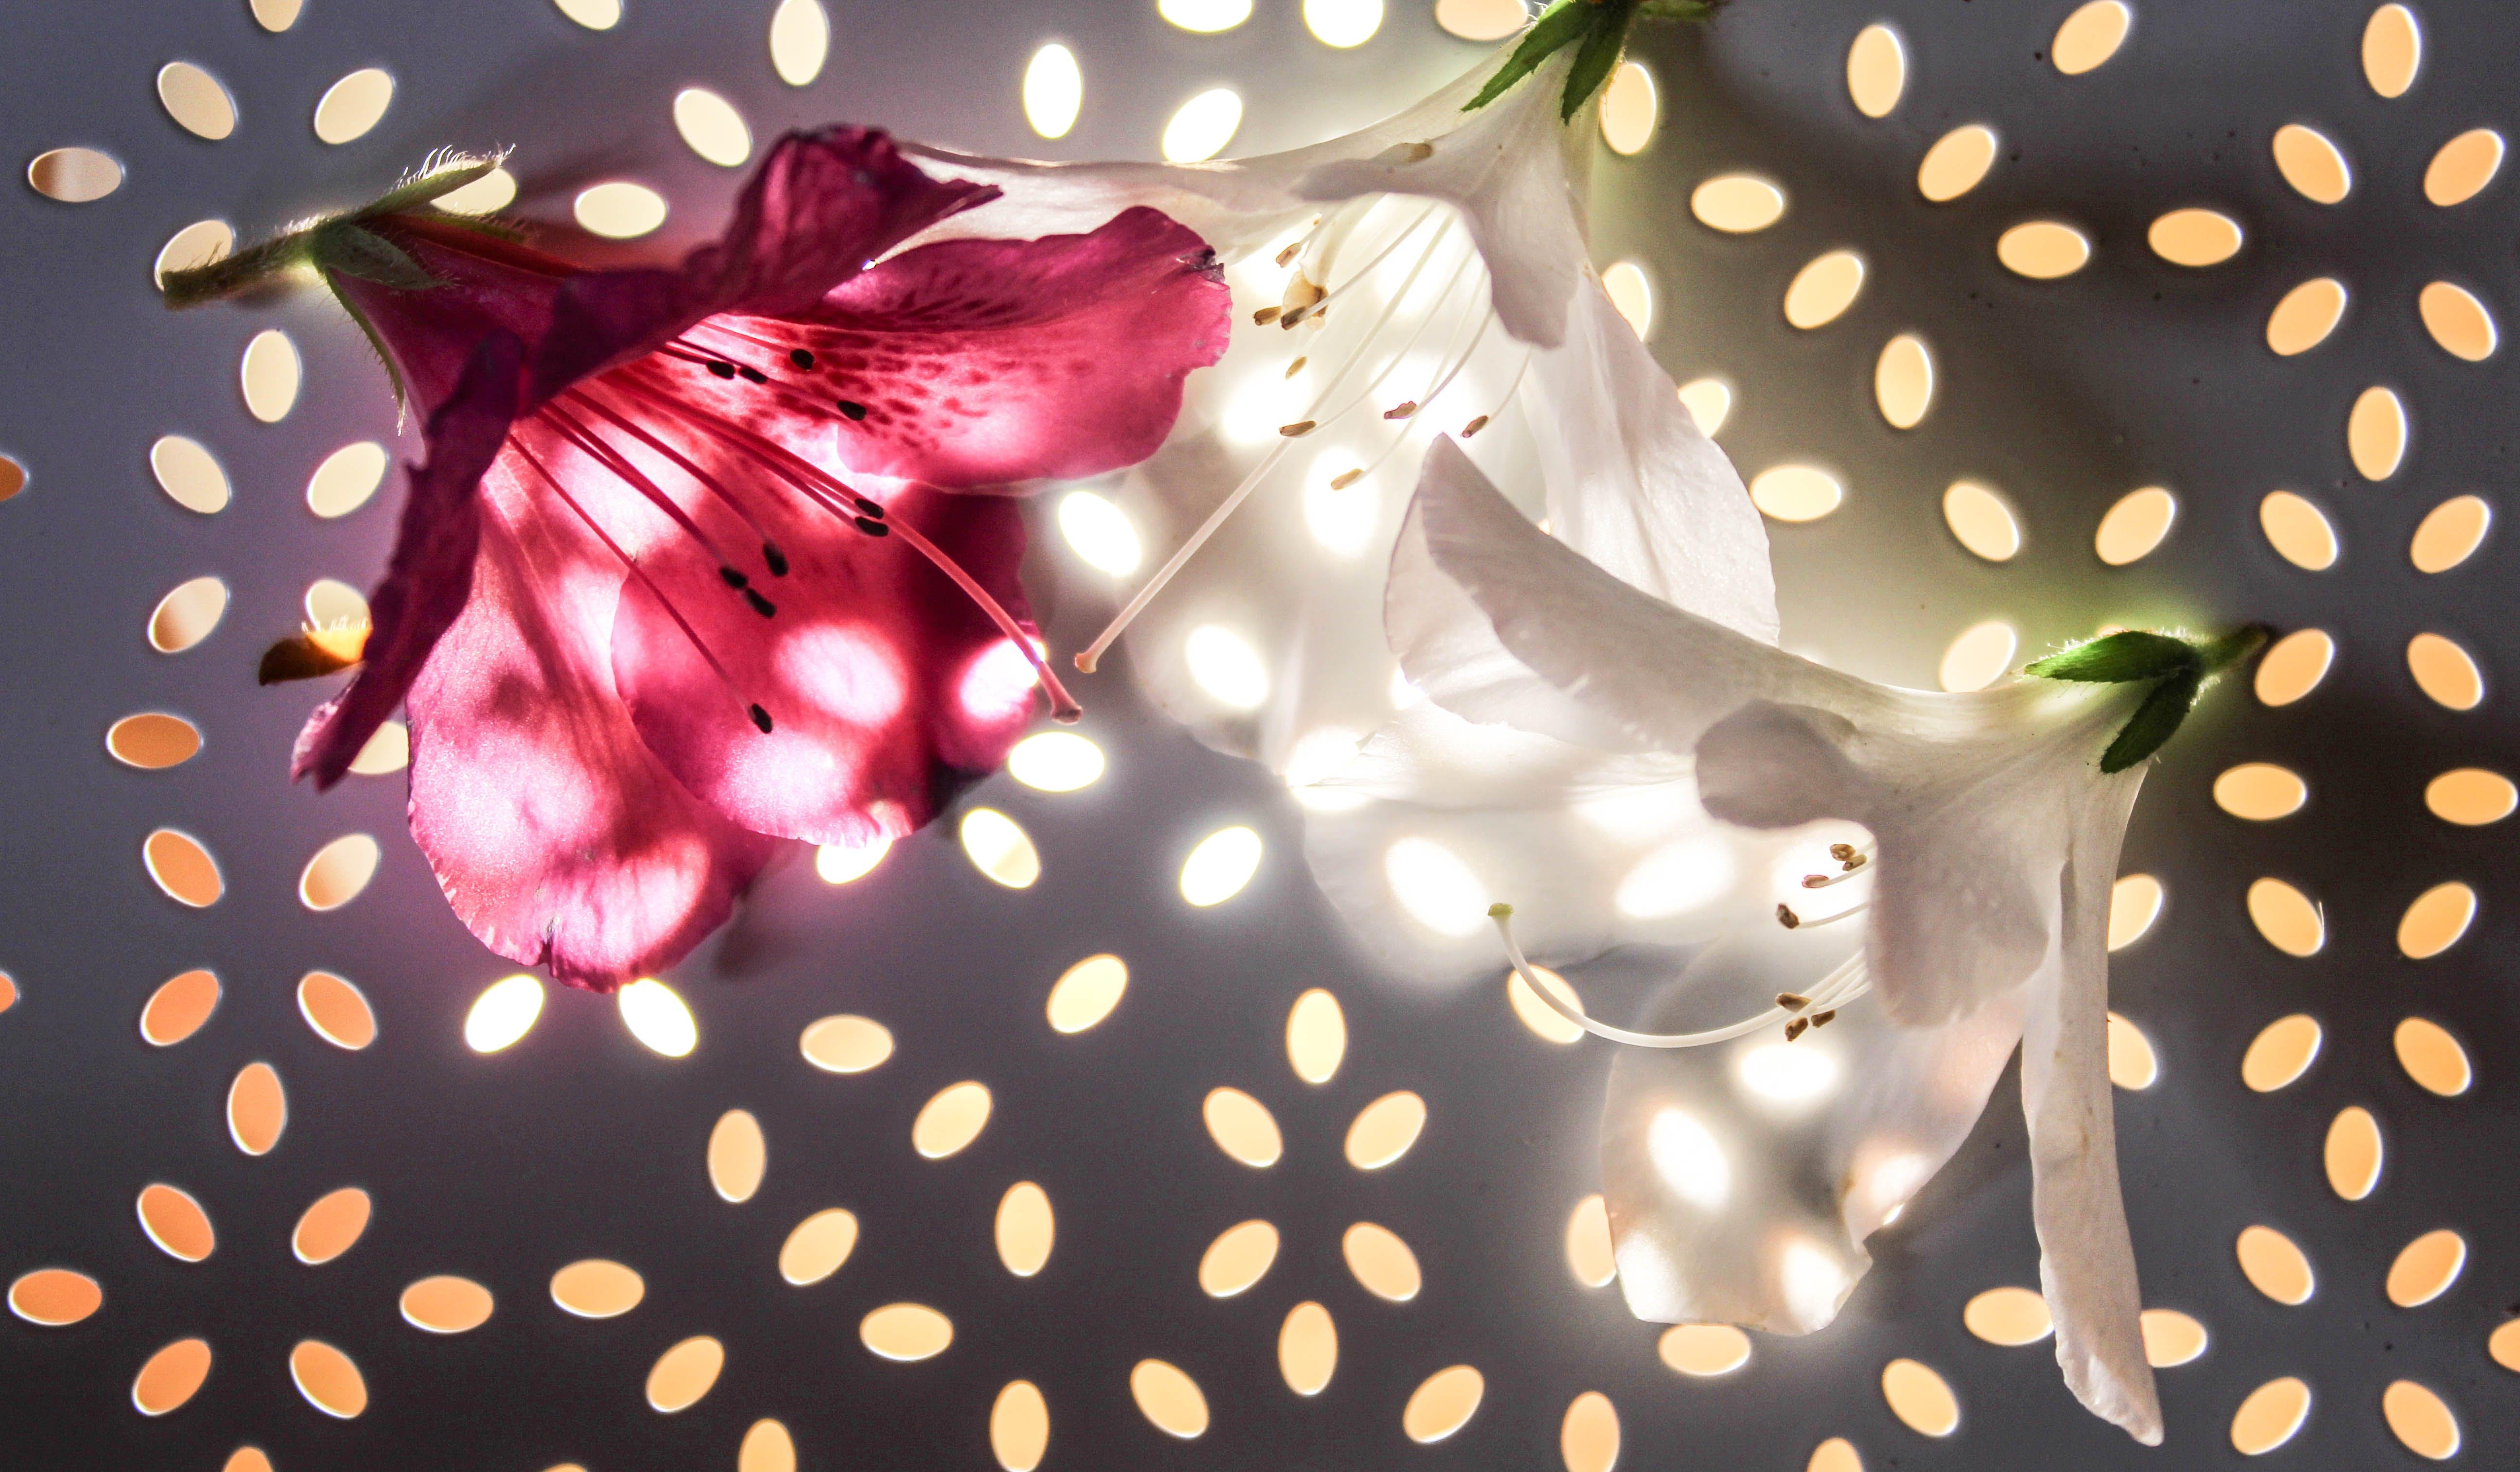 Foto profissional grátis de apaixonado, flor branca, flores bonitas, flores cor-de-rosa